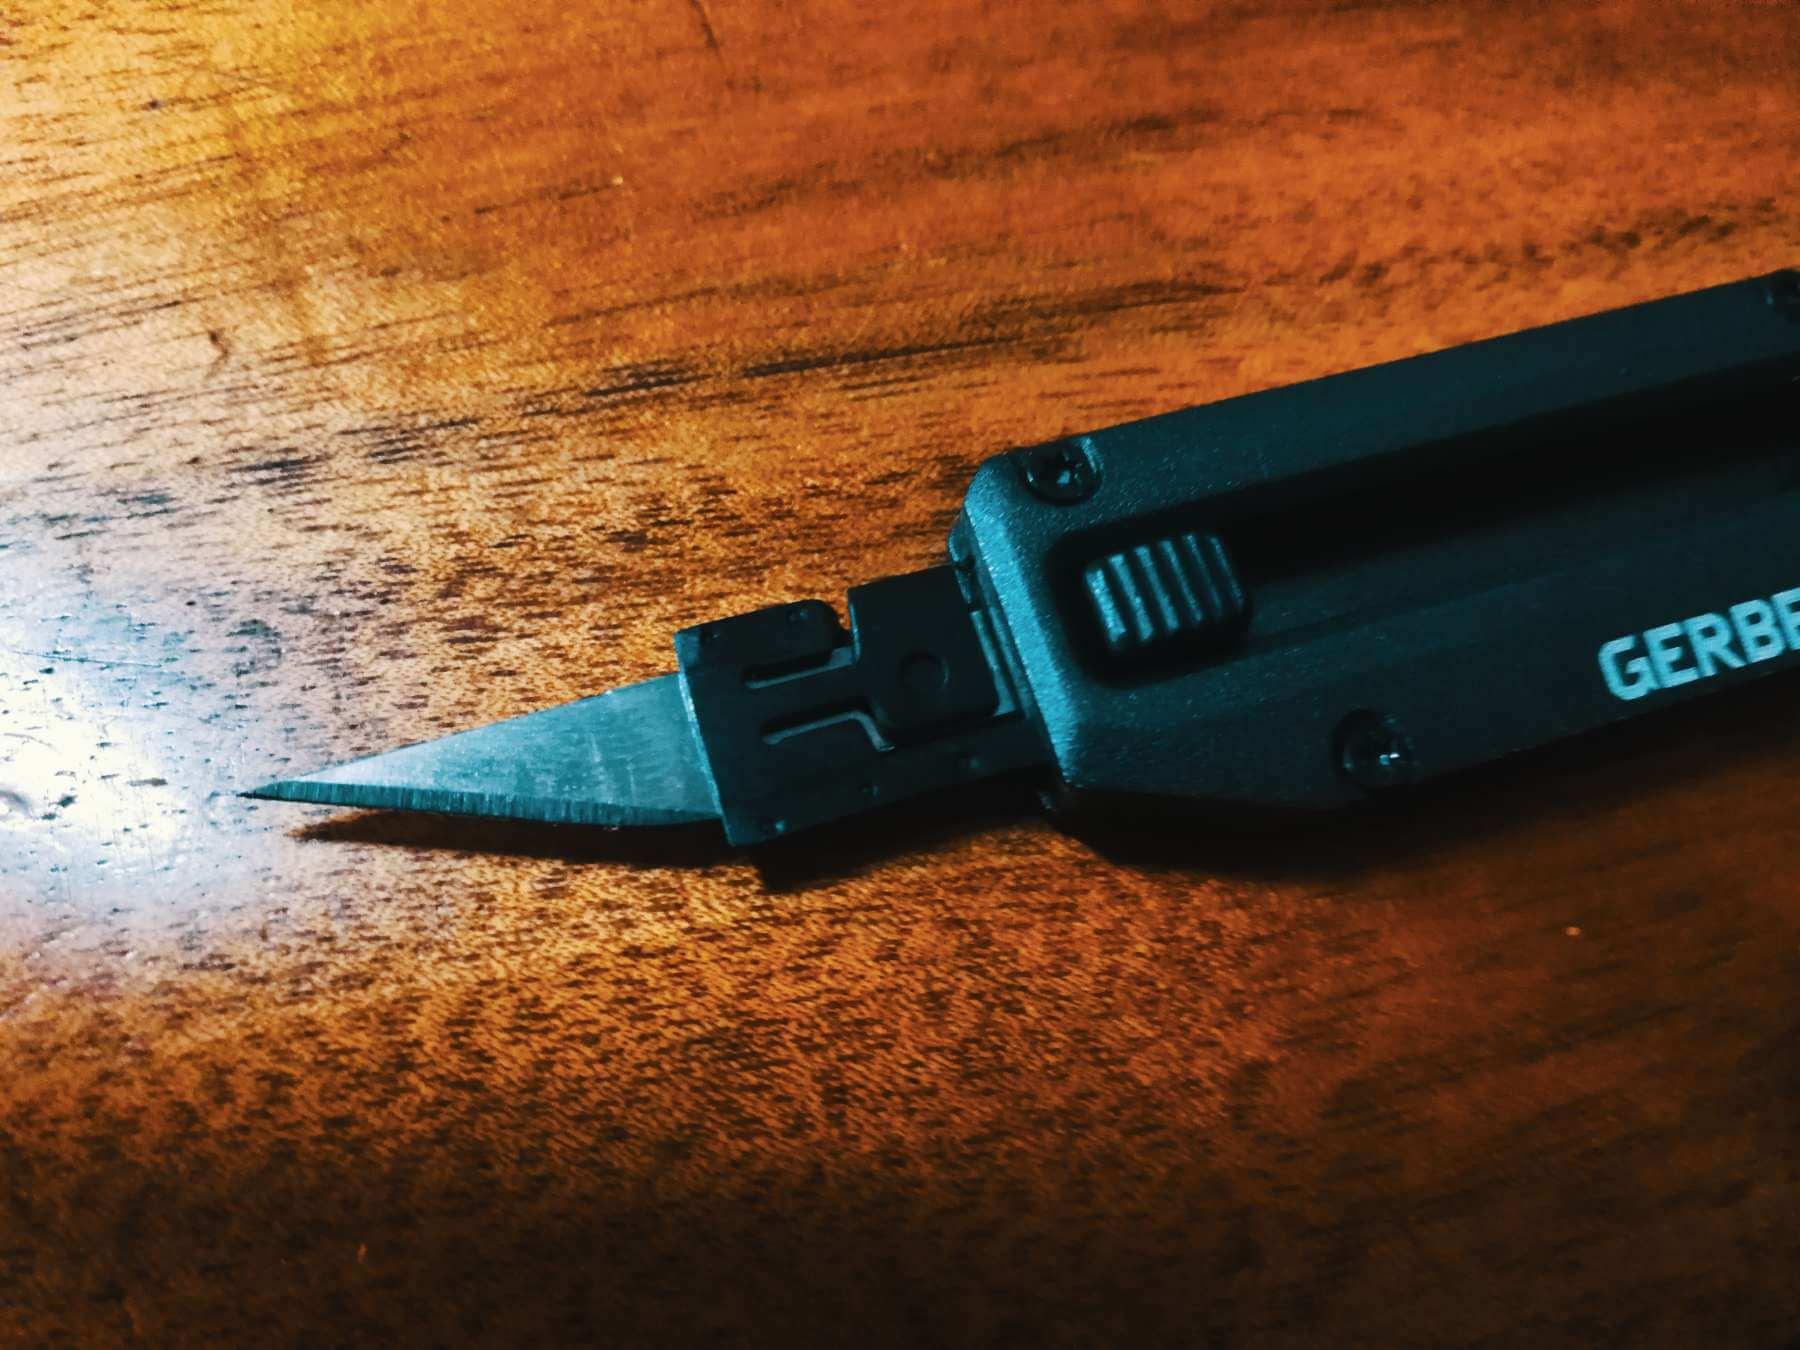 Gerber Prybrid X Multi-Tool Review